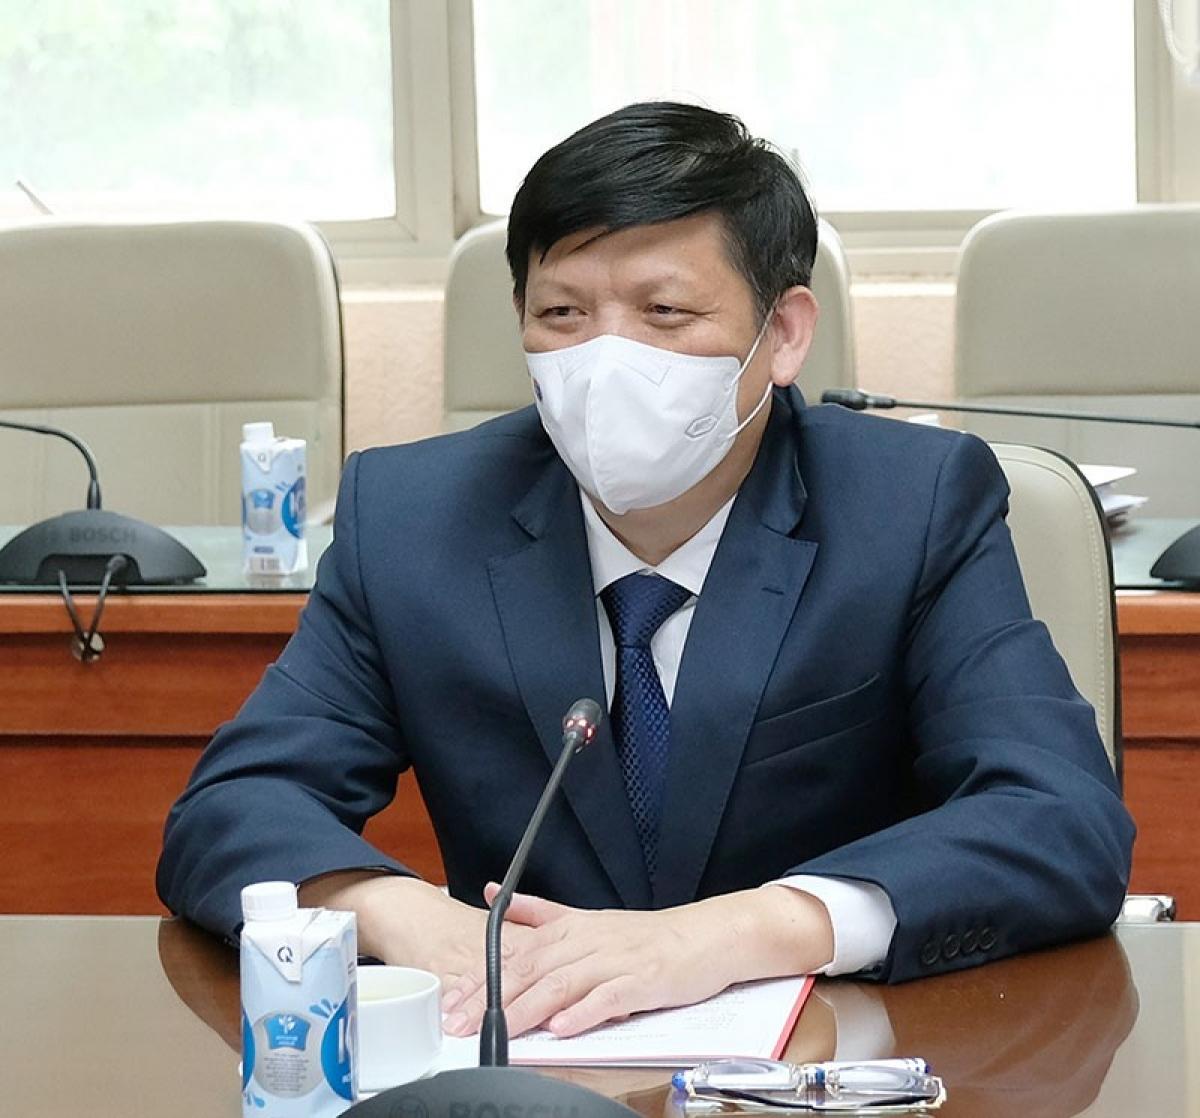 Bộ trưởng Nguyễn Thanh Long tại buổi tiếp. (Ảnh: Trần Minh)